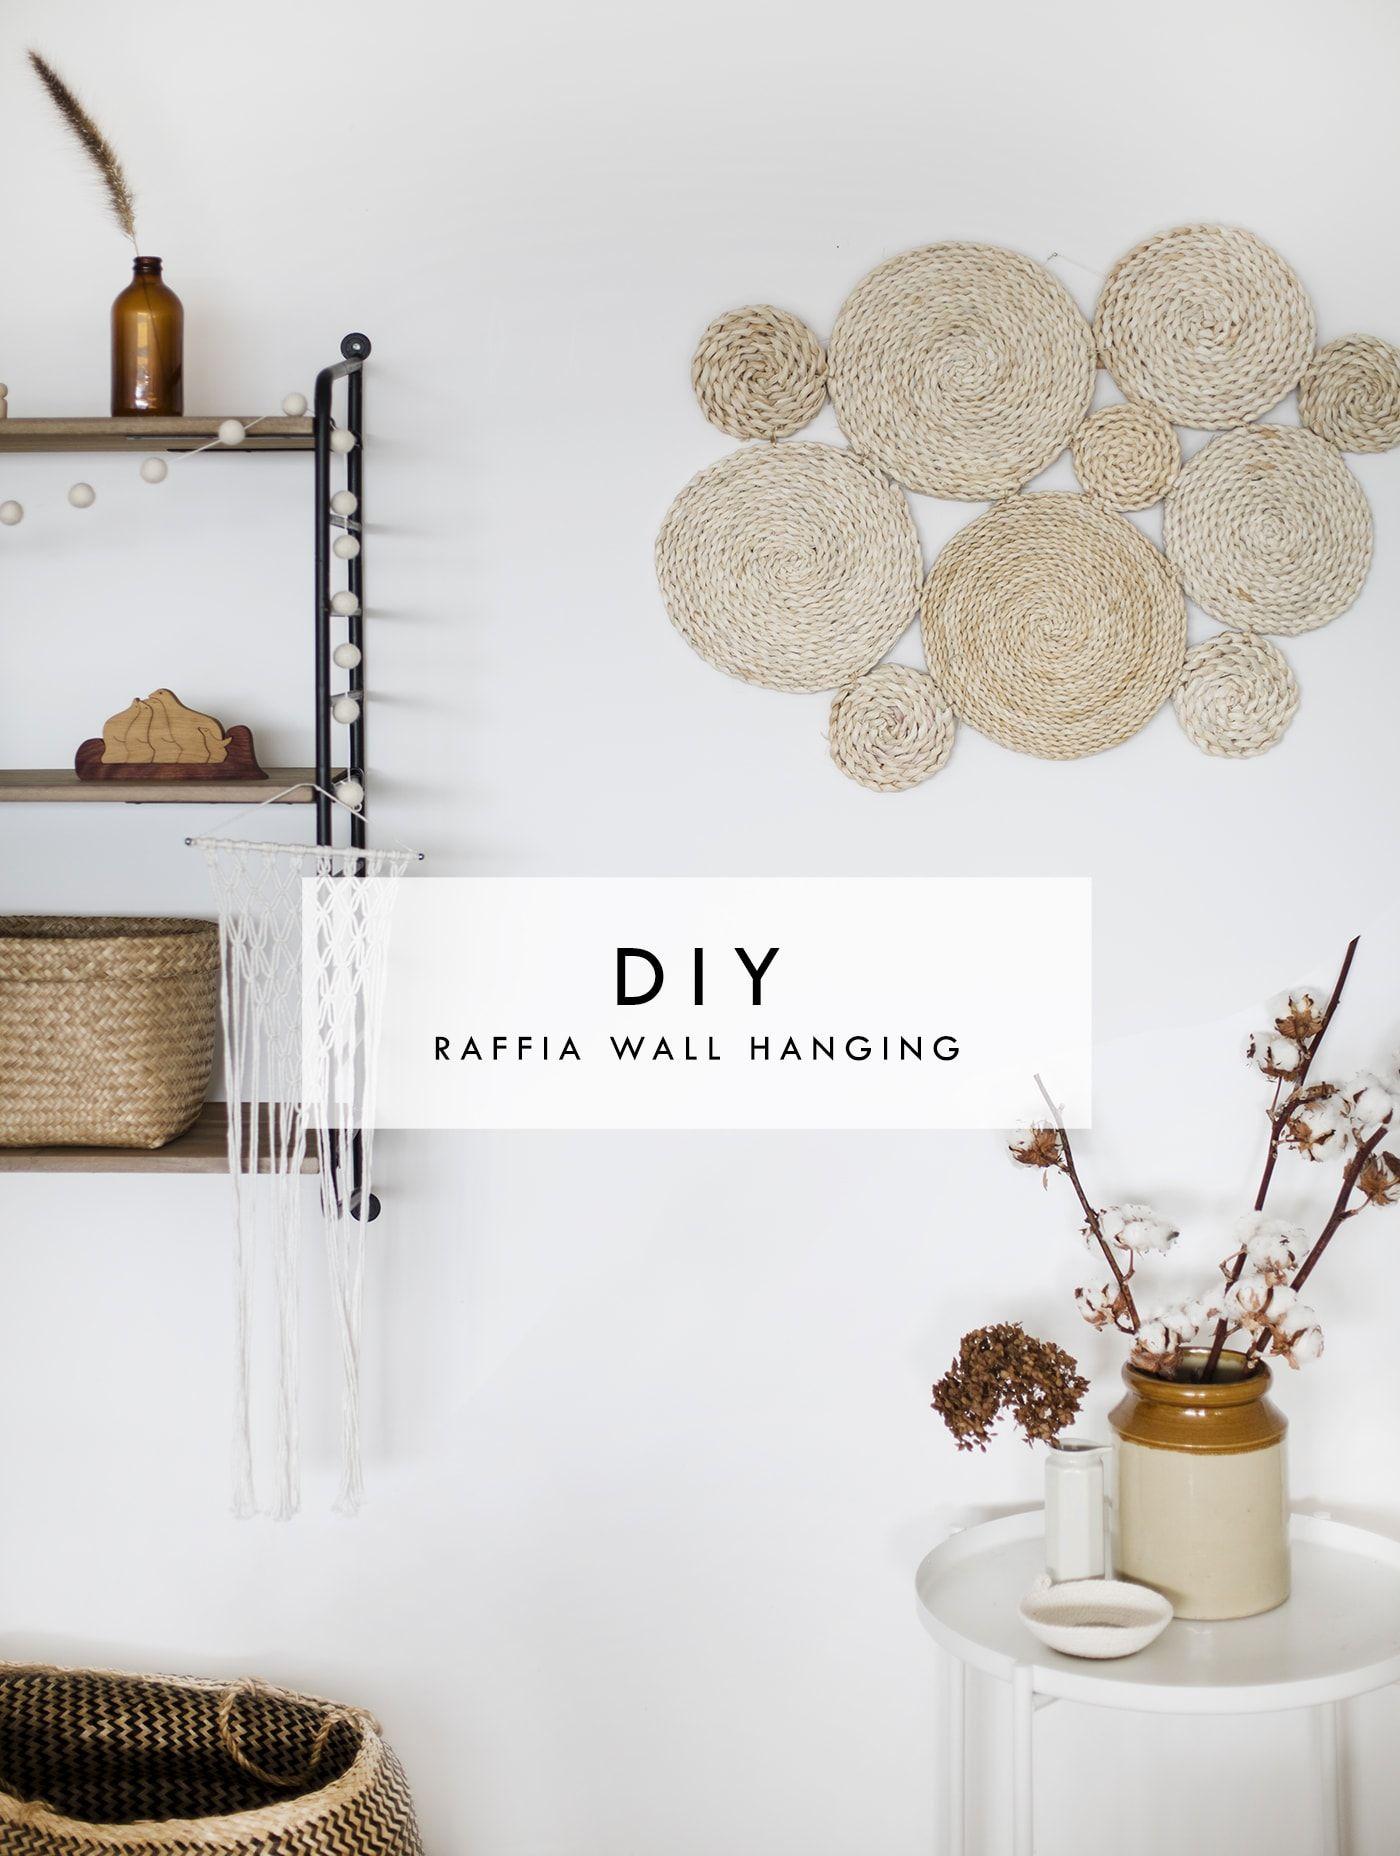 Diy Raffia Wall Hanging Diy Wall Decor Simple Wall Decor Diy Decor